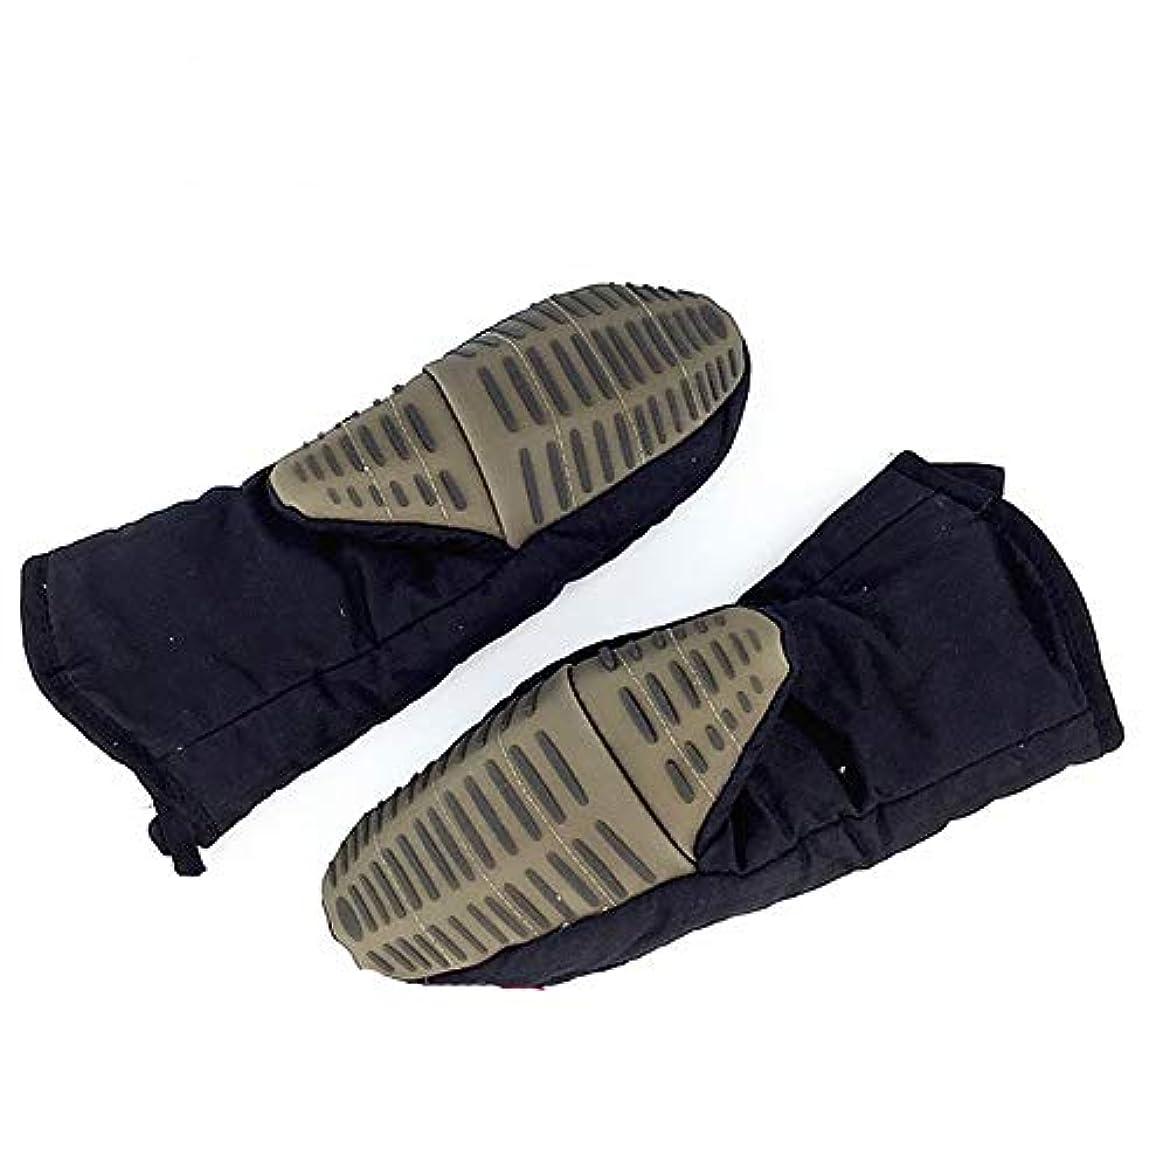 フルーティー事実面白いBAJIMI 手袋 実用断熱手袋シリコーン高温耐性300度オーブン電子レンジやけ防止耐熱手袋